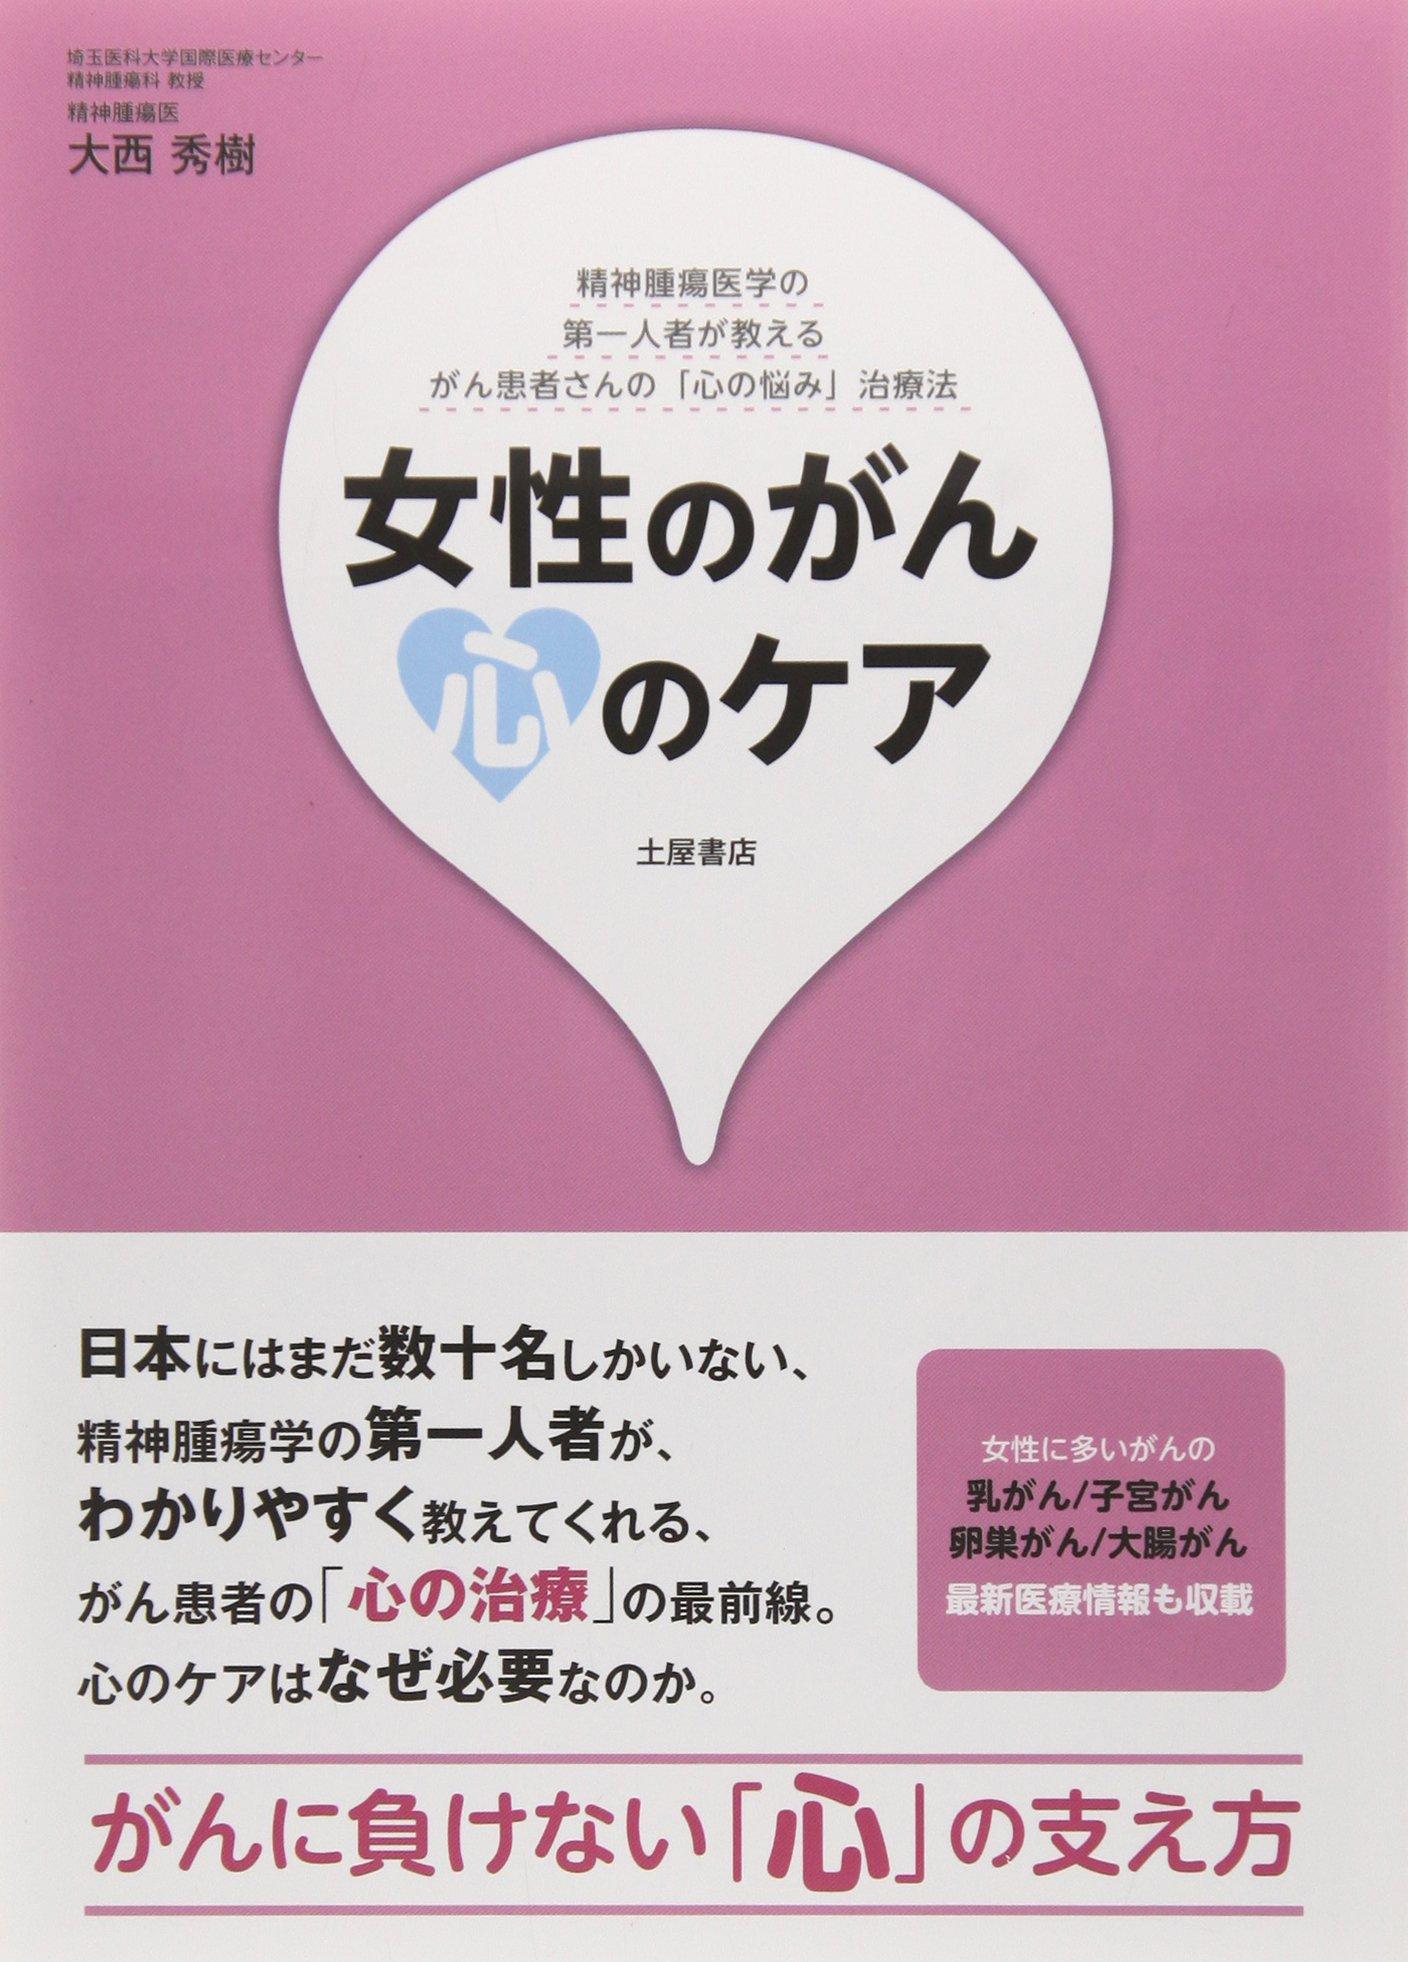 Josei no gan kokoro no kea : Nyugan shikyugan ransogan daichogan : Gankanjasan no kokoro no nayami chiryoho. pdf